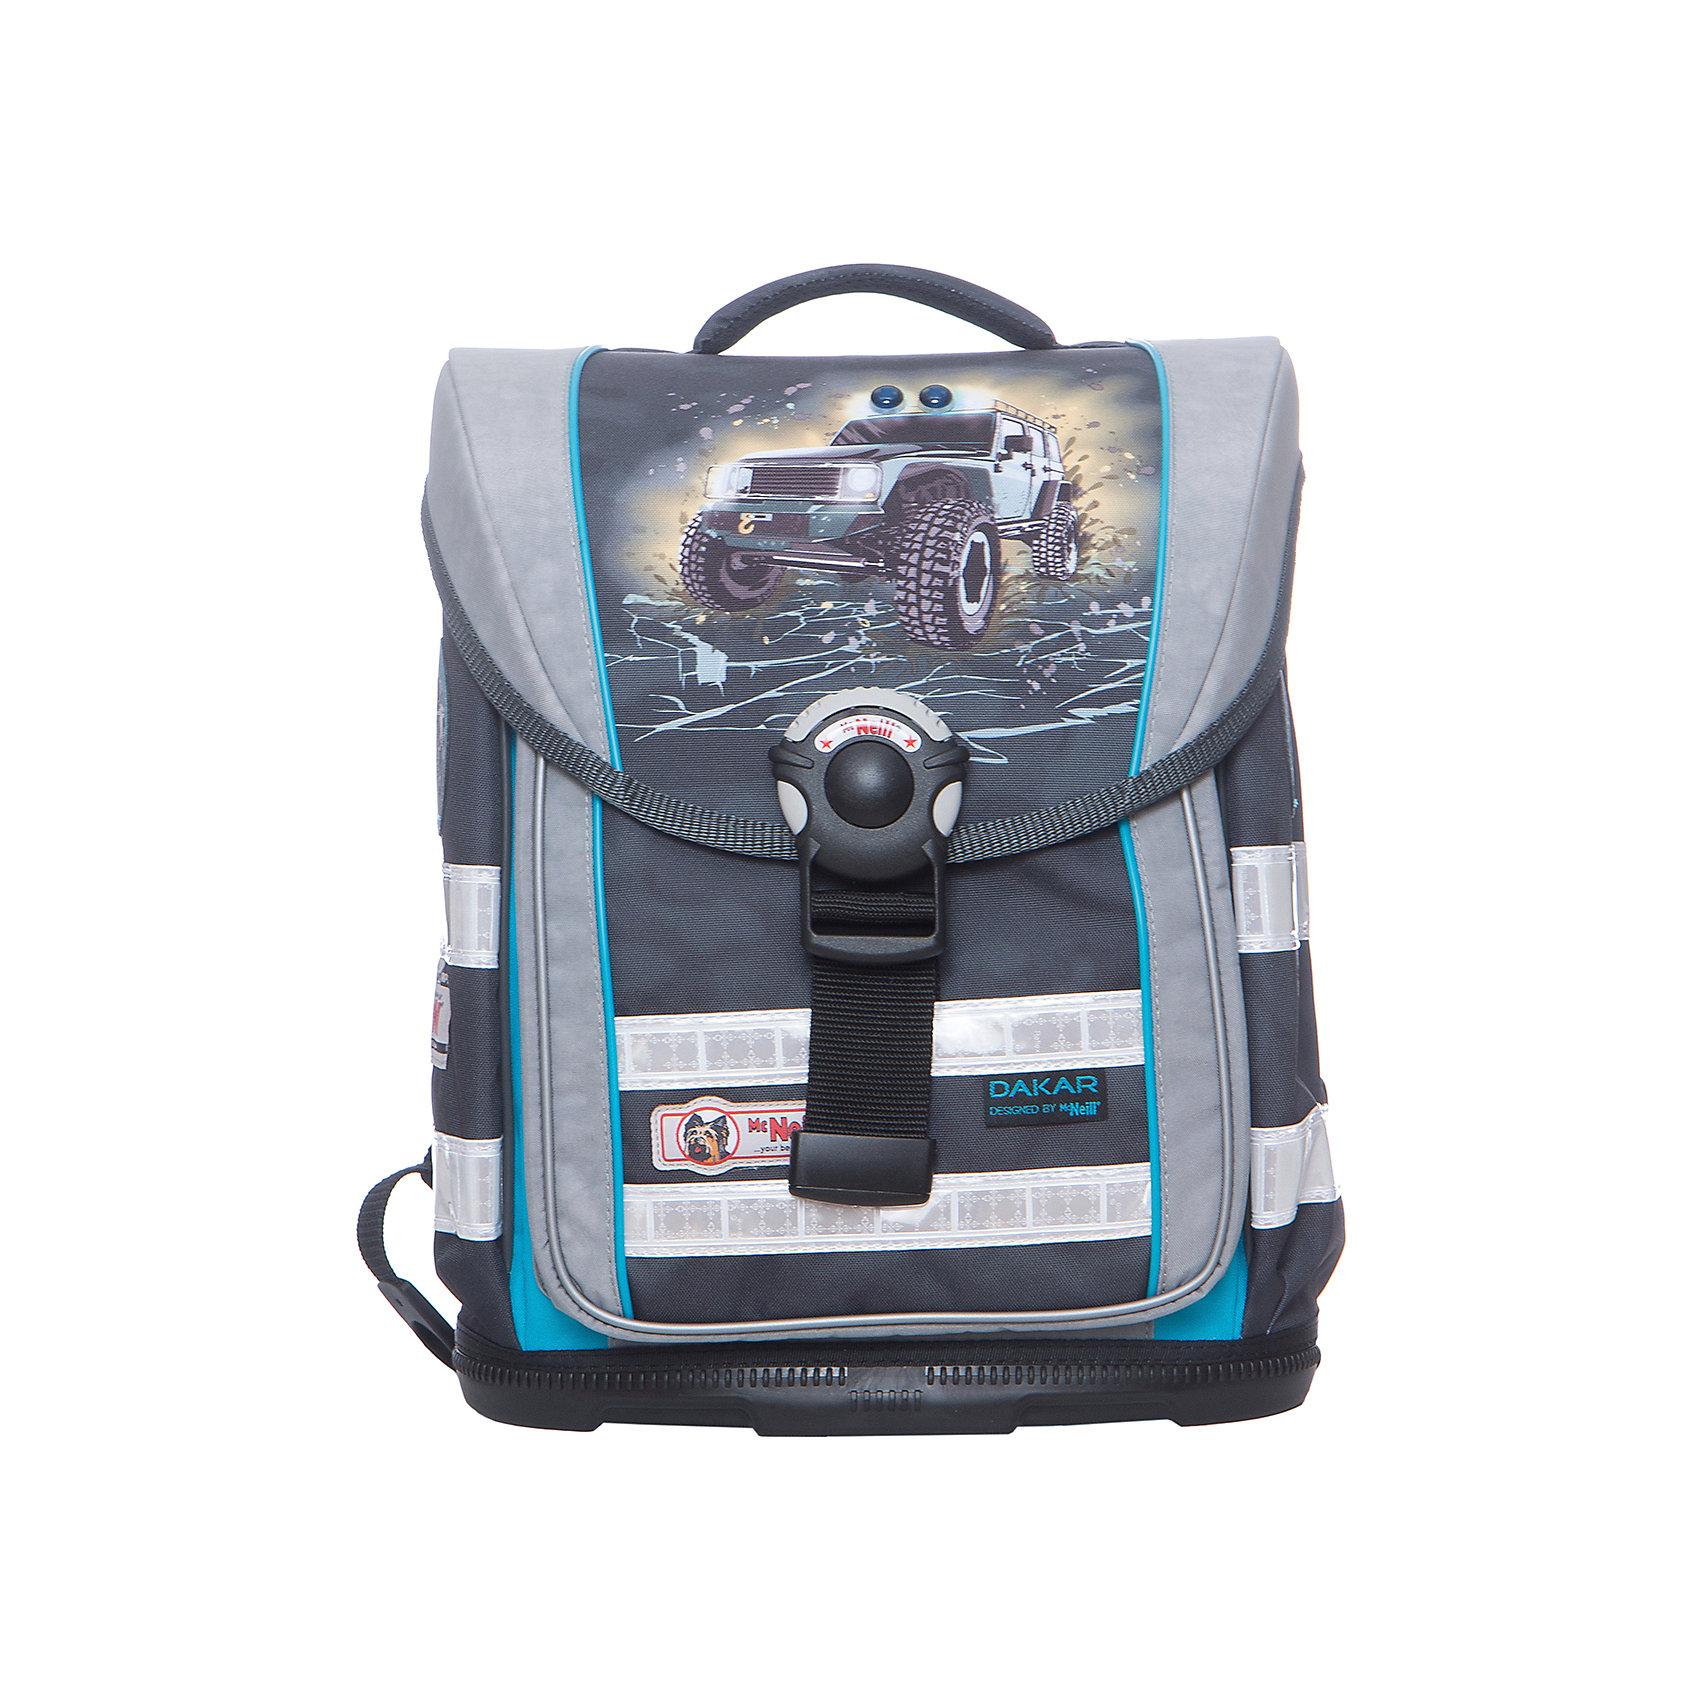 Школьный рюкзак MC Neill ERGO Light COMPACT ДакарРанцы<br>Вместимость 19,5 л,  вес ранца 1100 гр, удобный замок, боковые потайные карманы на молниях, дно из особо прочного пластика, ортопедическая спина, регулируемые ремни на мягких подушках.  31*38*20см<br><br>Ширина мм: 31<br>Глубина мм: 38<br>Высота мм: 20<br>Вес г: 1200<br>Возраст от месяцев: 72<br>Возраст до месяцев: 120<br>Пол: Мужской<br>Возраст: Детский<br>SKU: 6878776